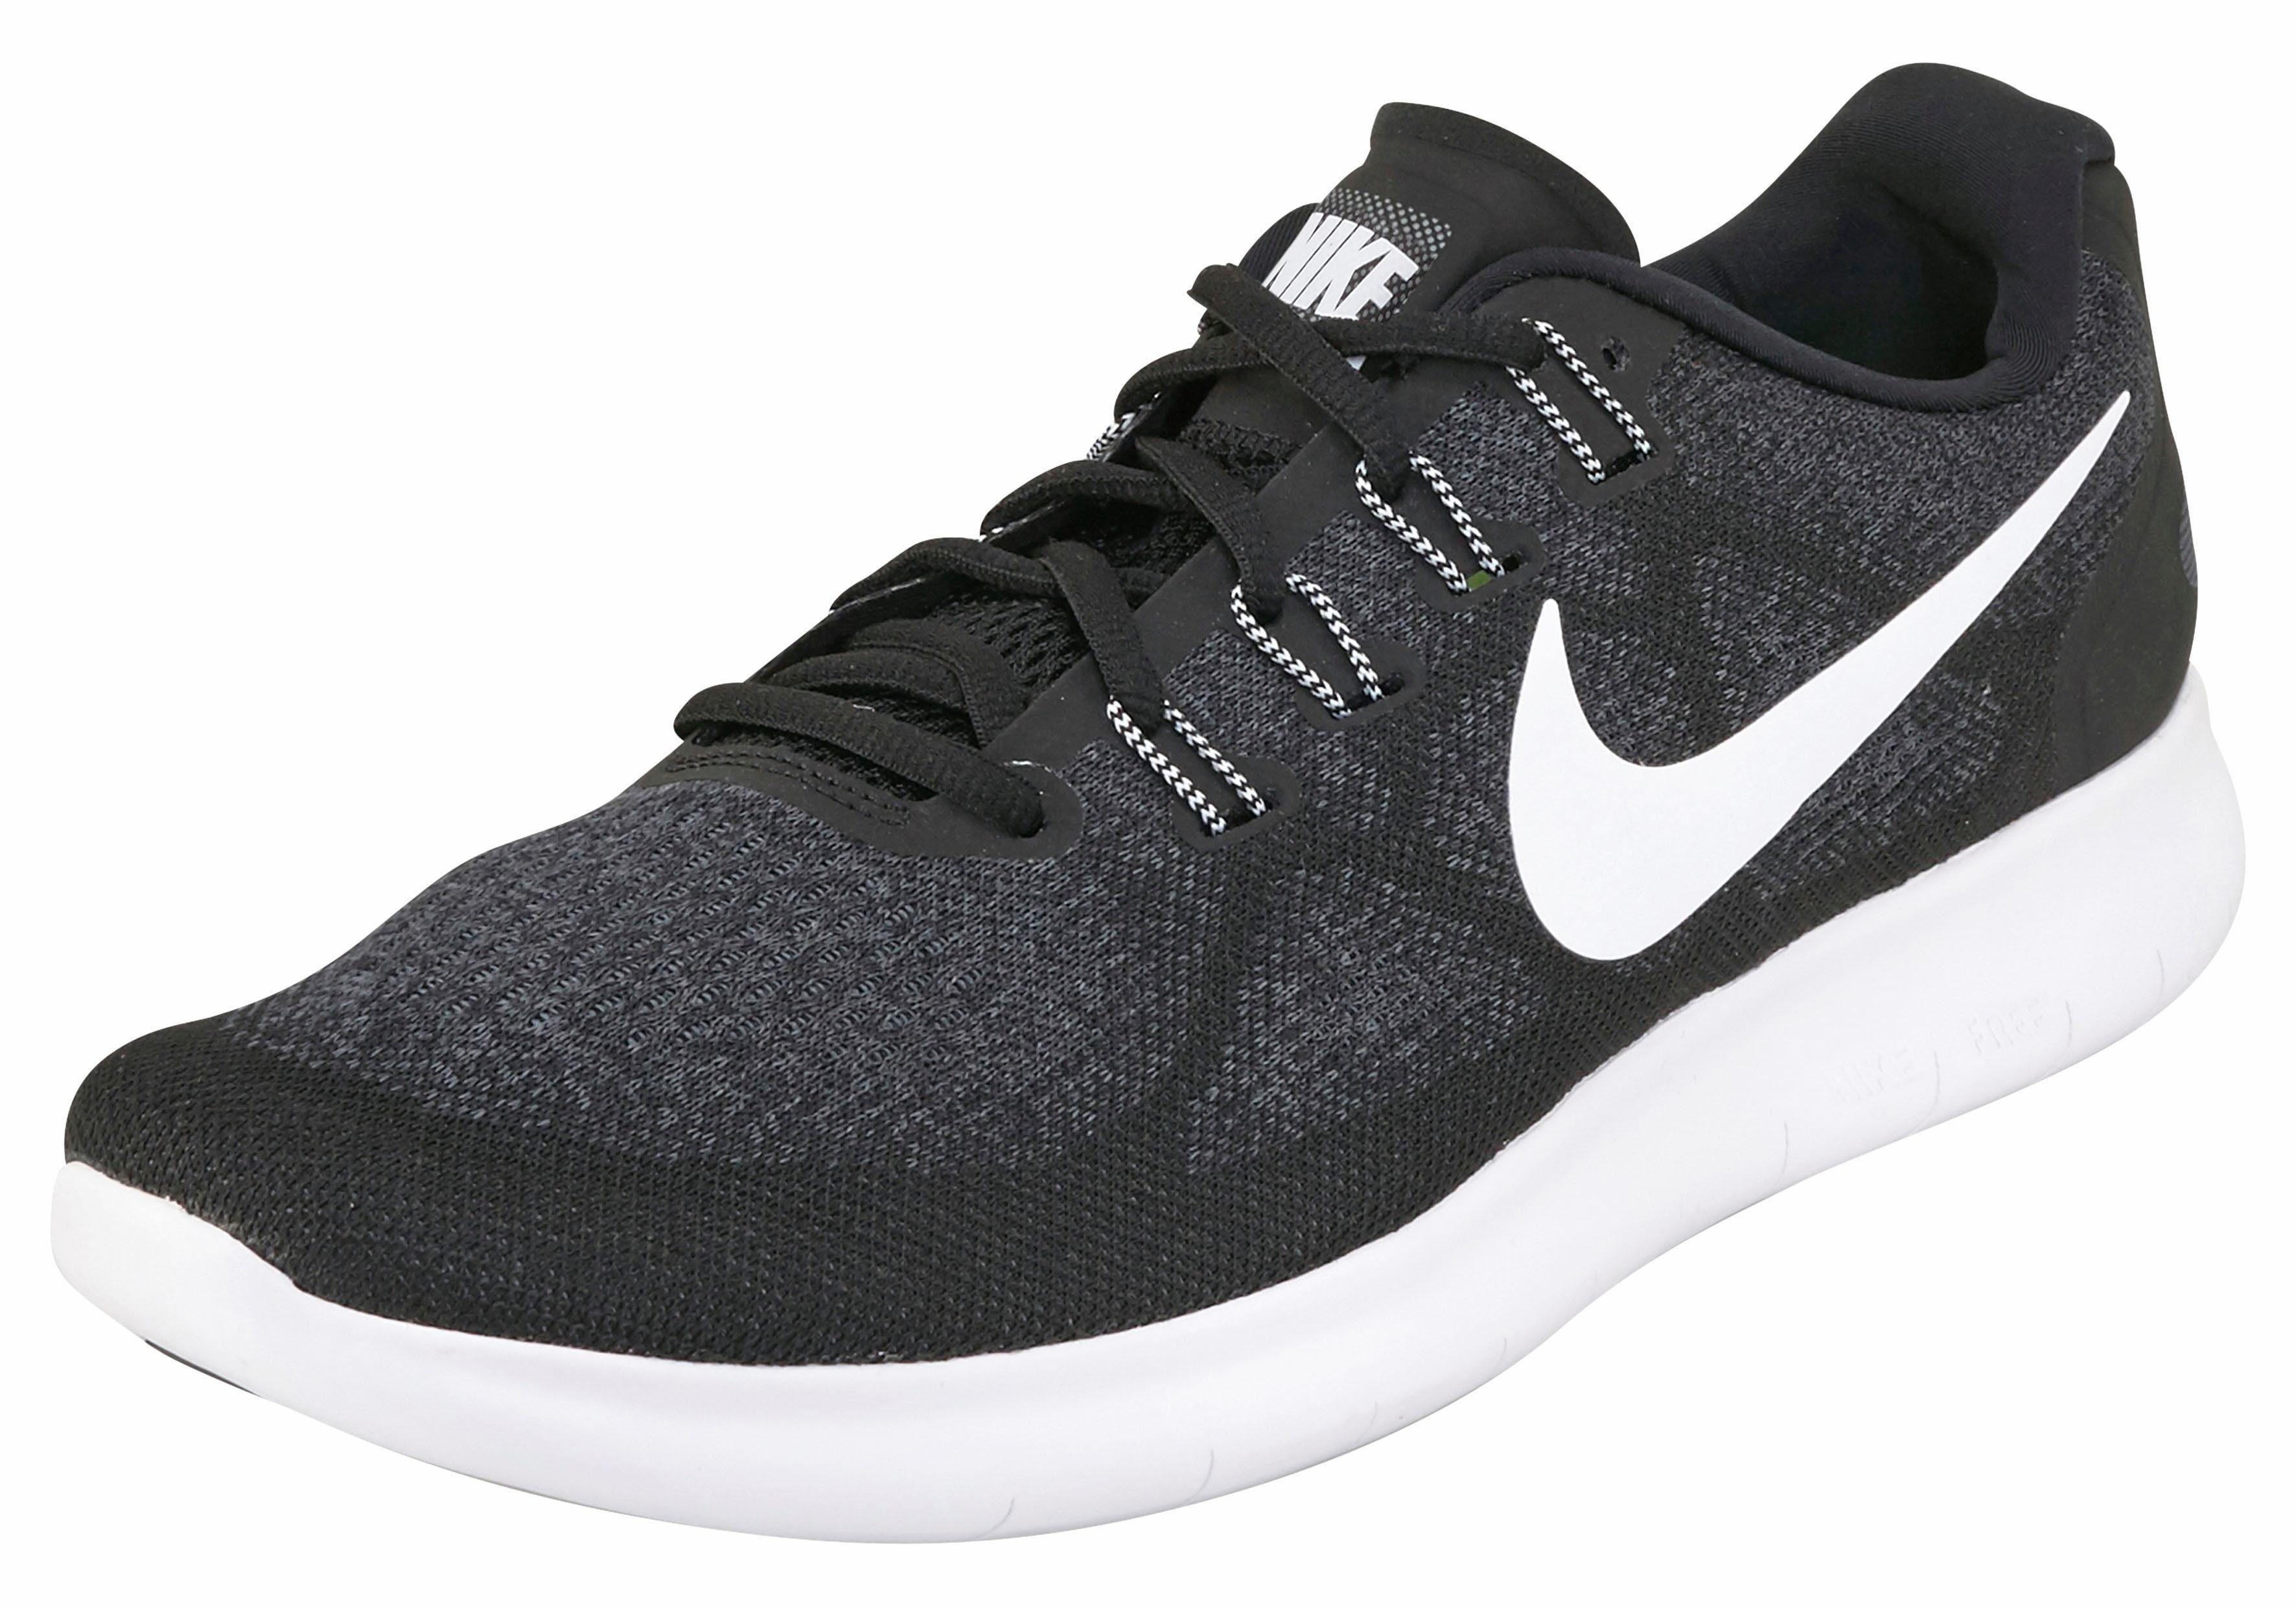 Nike »Free Run 2017« Laufschuh, Hoch flexible Gummilaufsohle mit ...